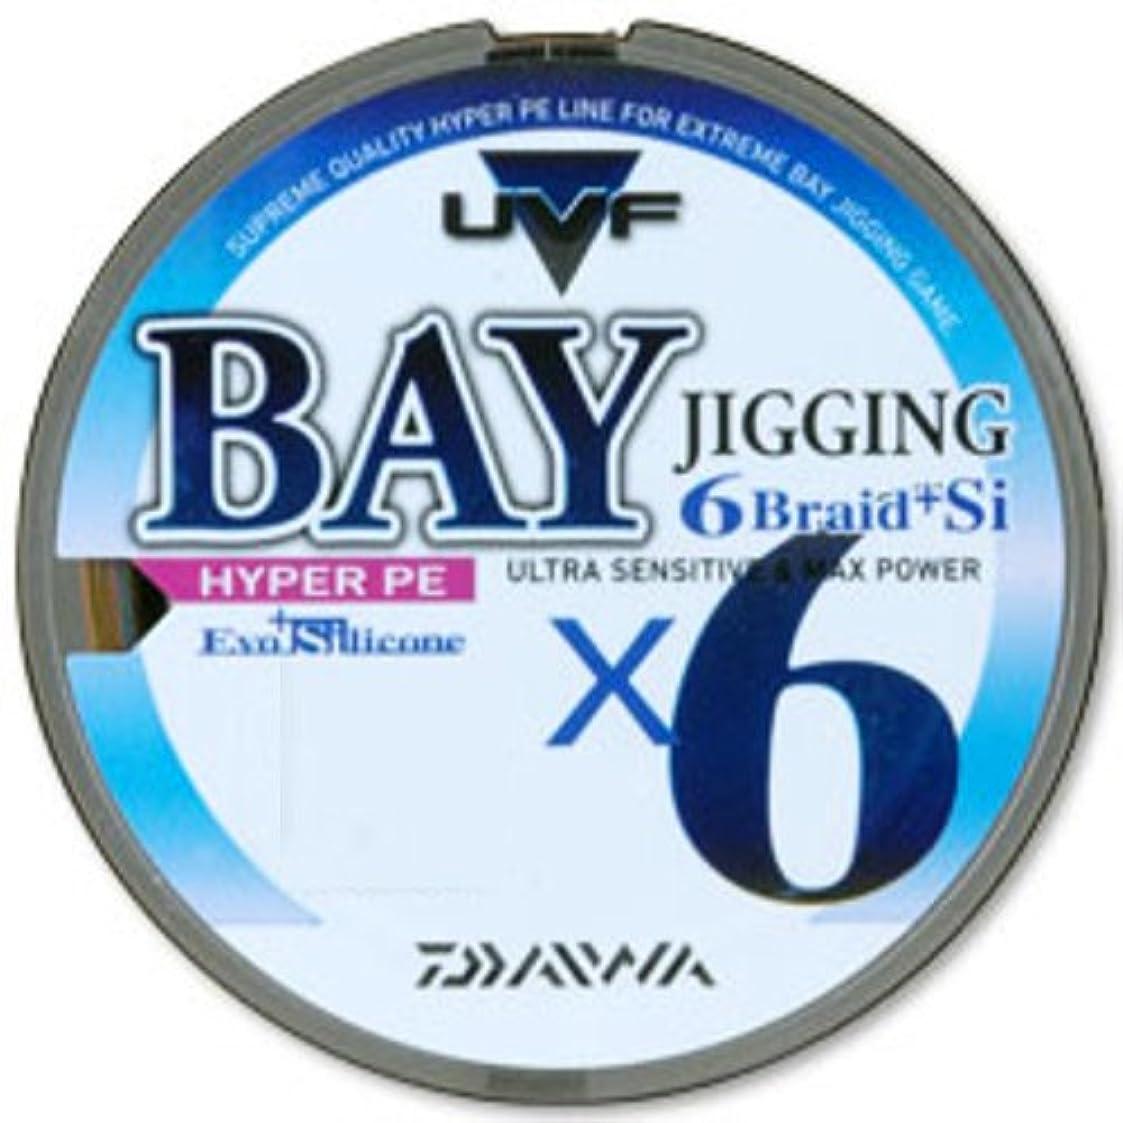 ミントファシズム建設ダイワ(Daiwa) PEライン UVF ベイジギング 6ブレイド+Si 200m 1.2号 マルチカラー 4625884